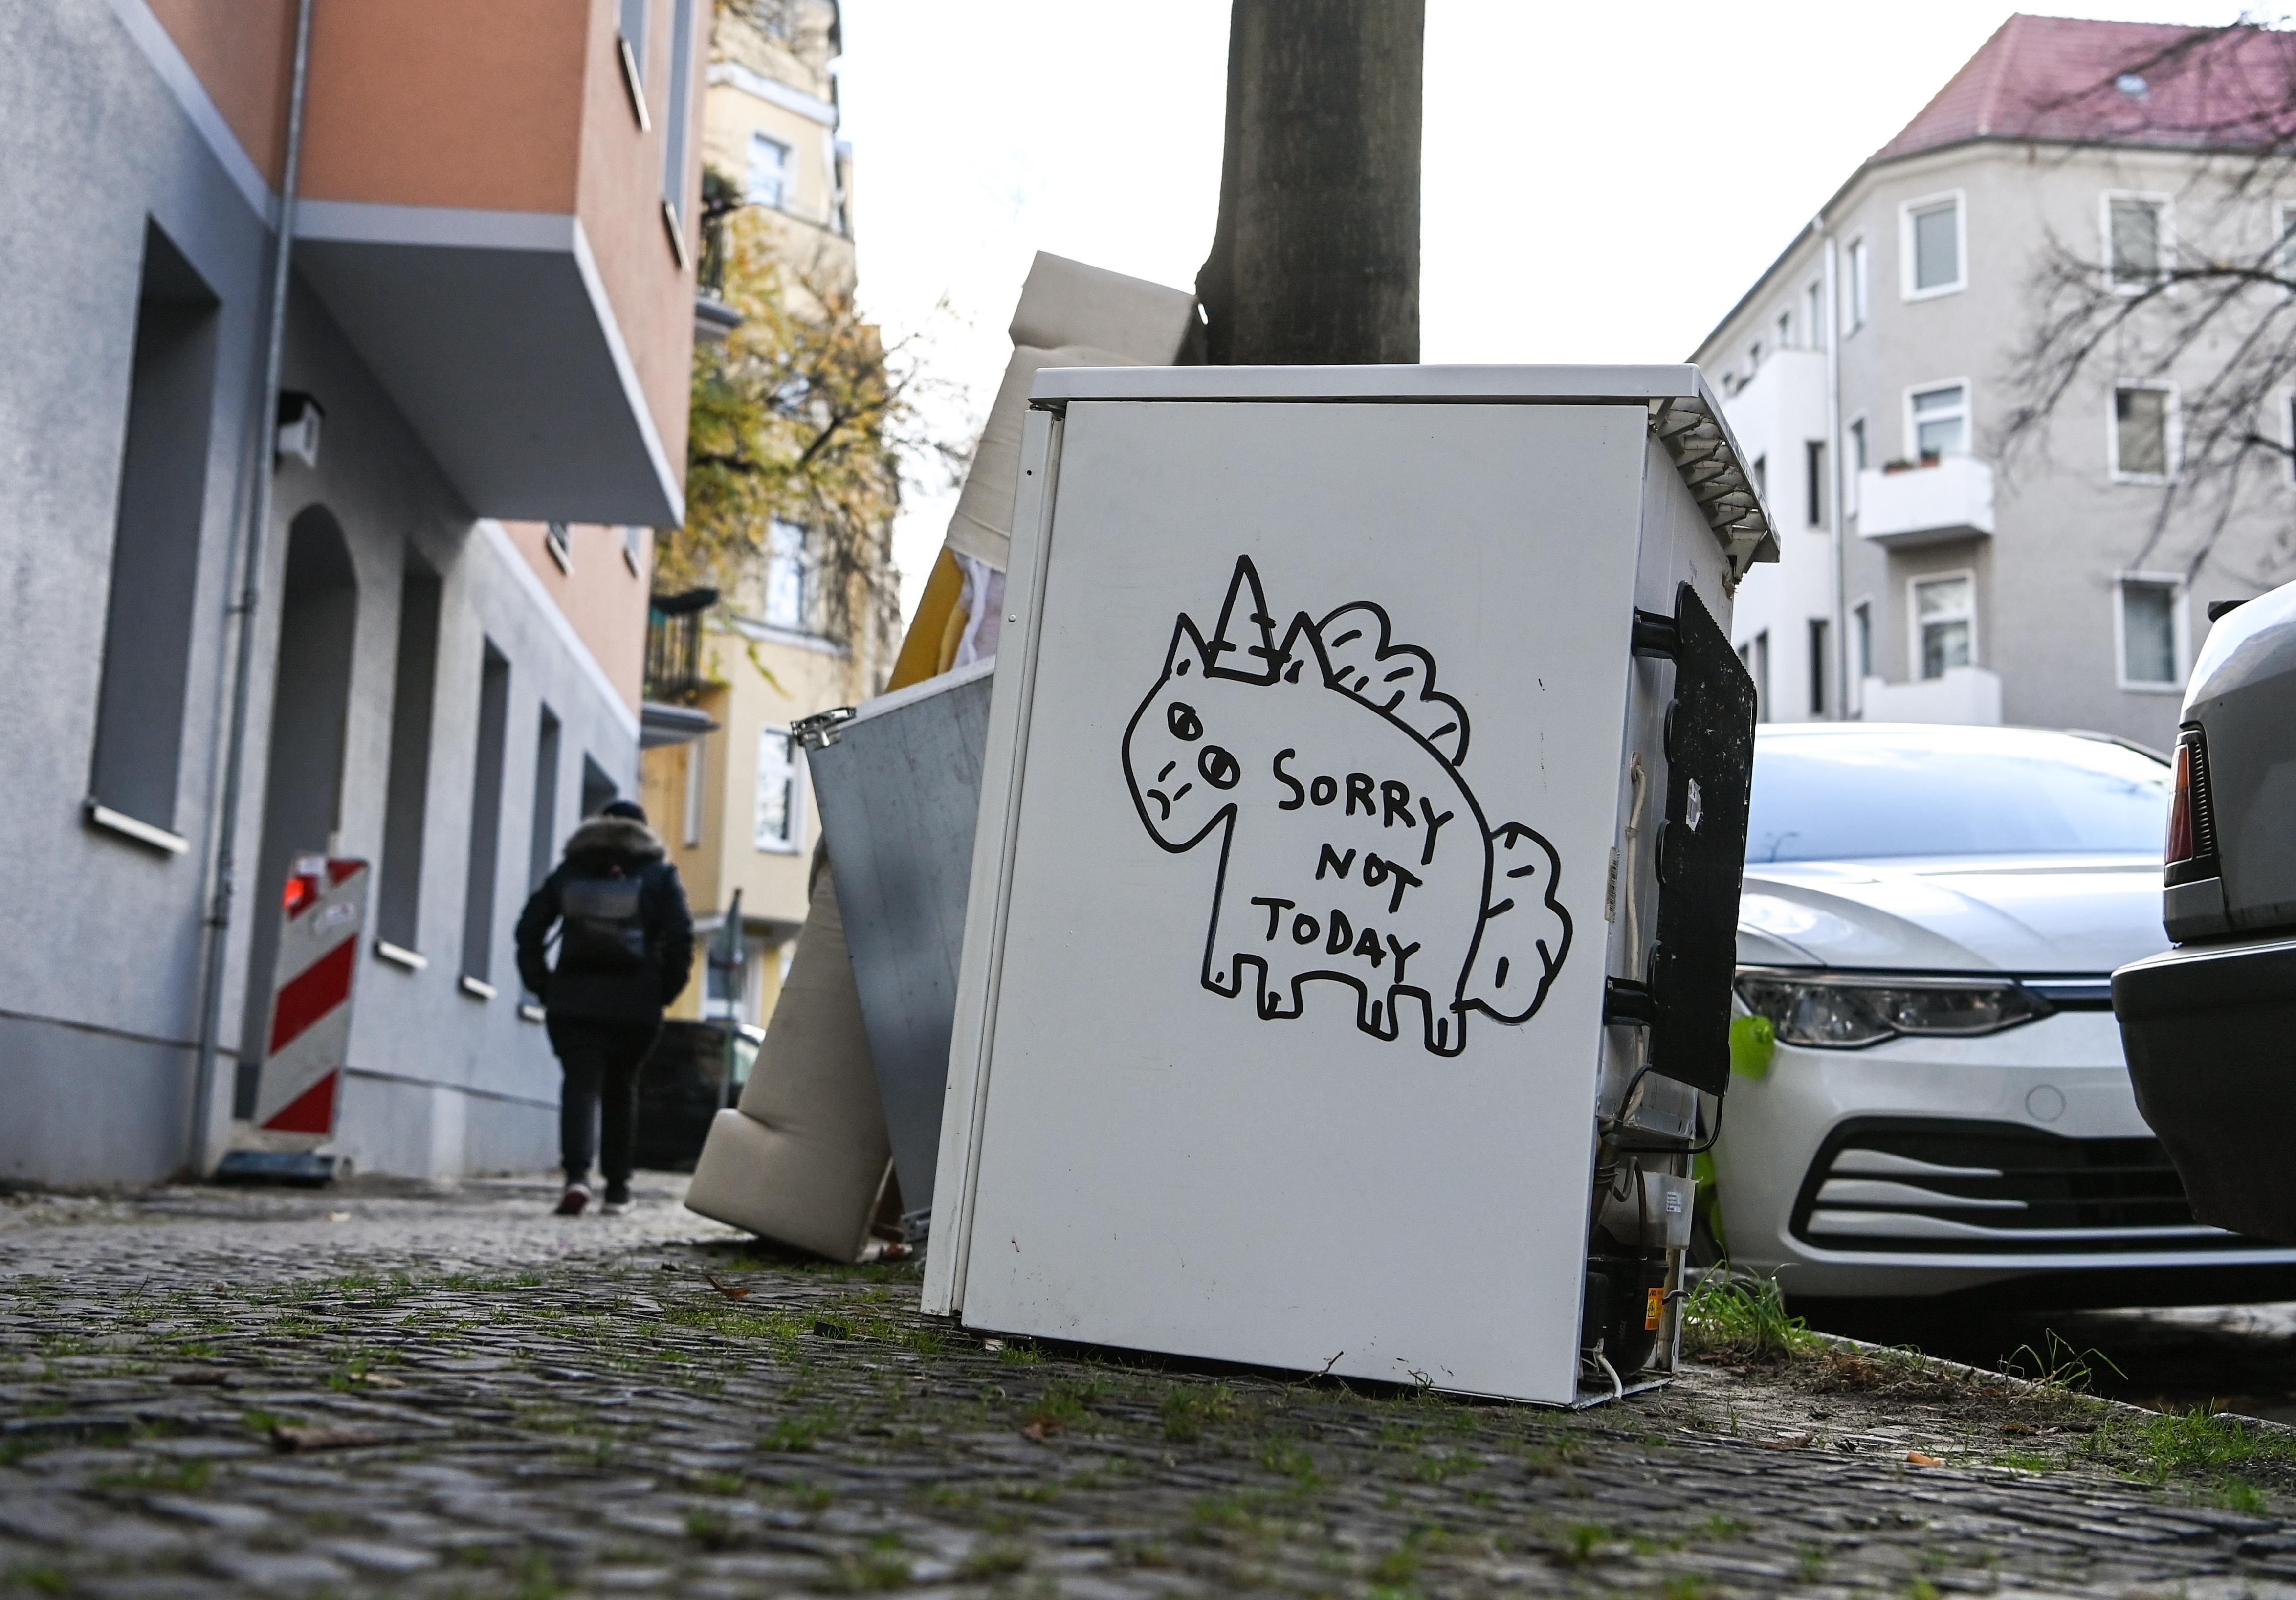 Megsemmisítette a német alkotmánybíróság a berlini lakbérbefagyasztásról szóló jogszabályt